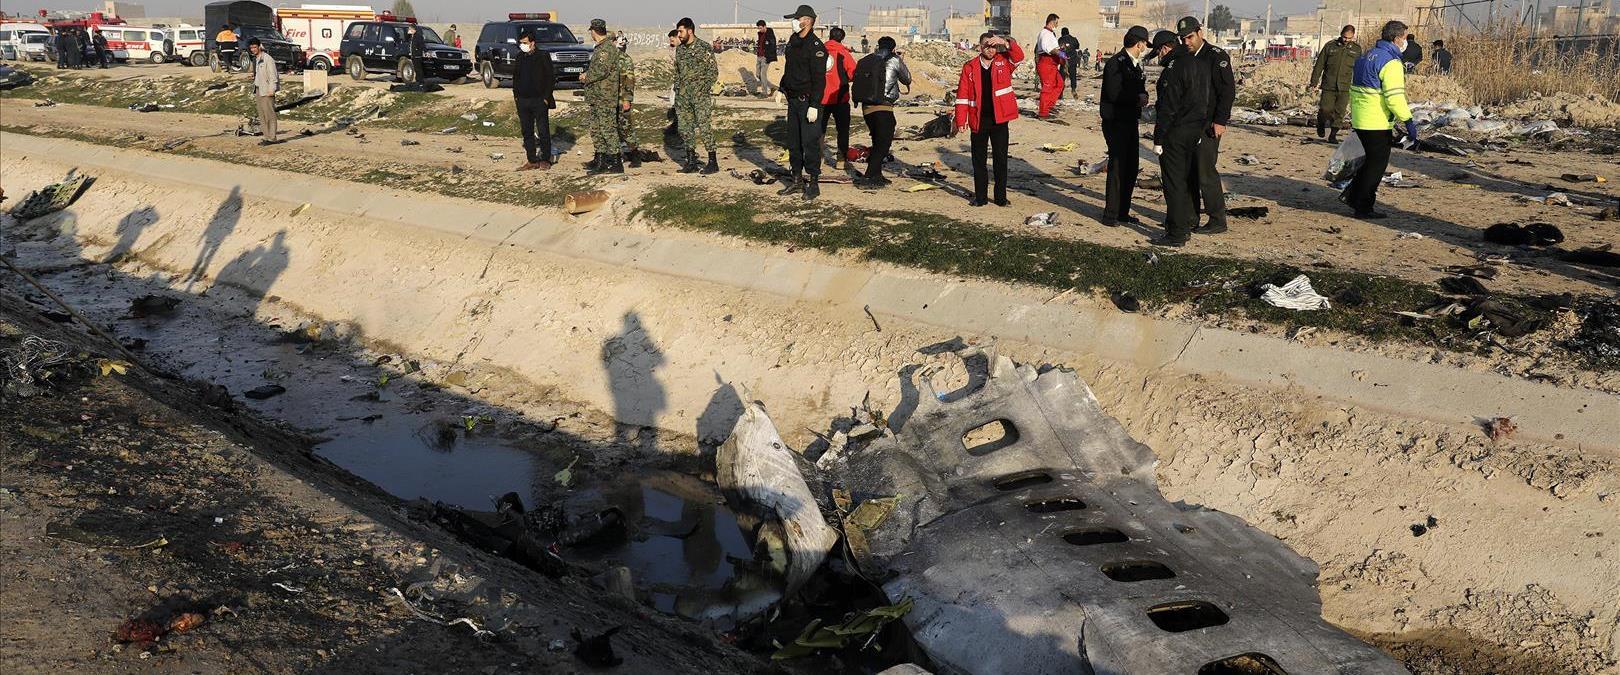 שרידי המטוס האוקראיני שהתרסק בטהראן